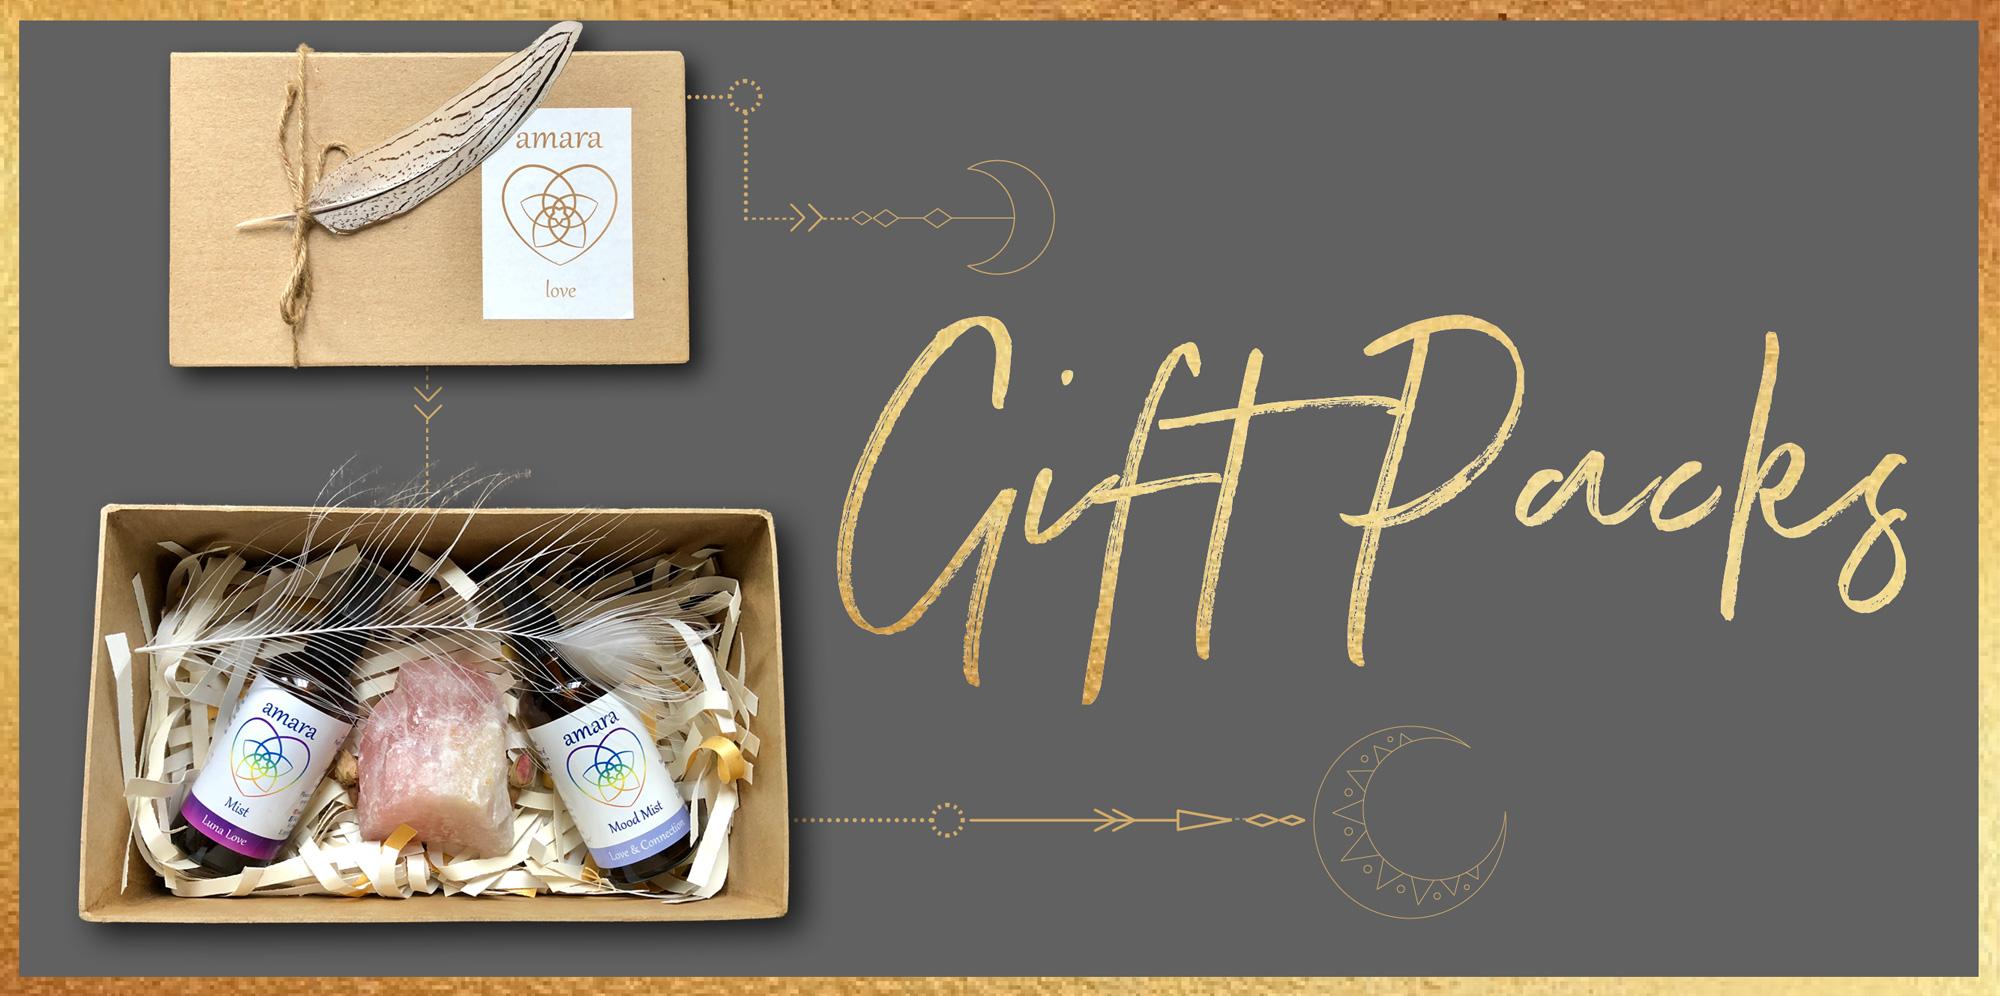 amara-buttons-gift-packs